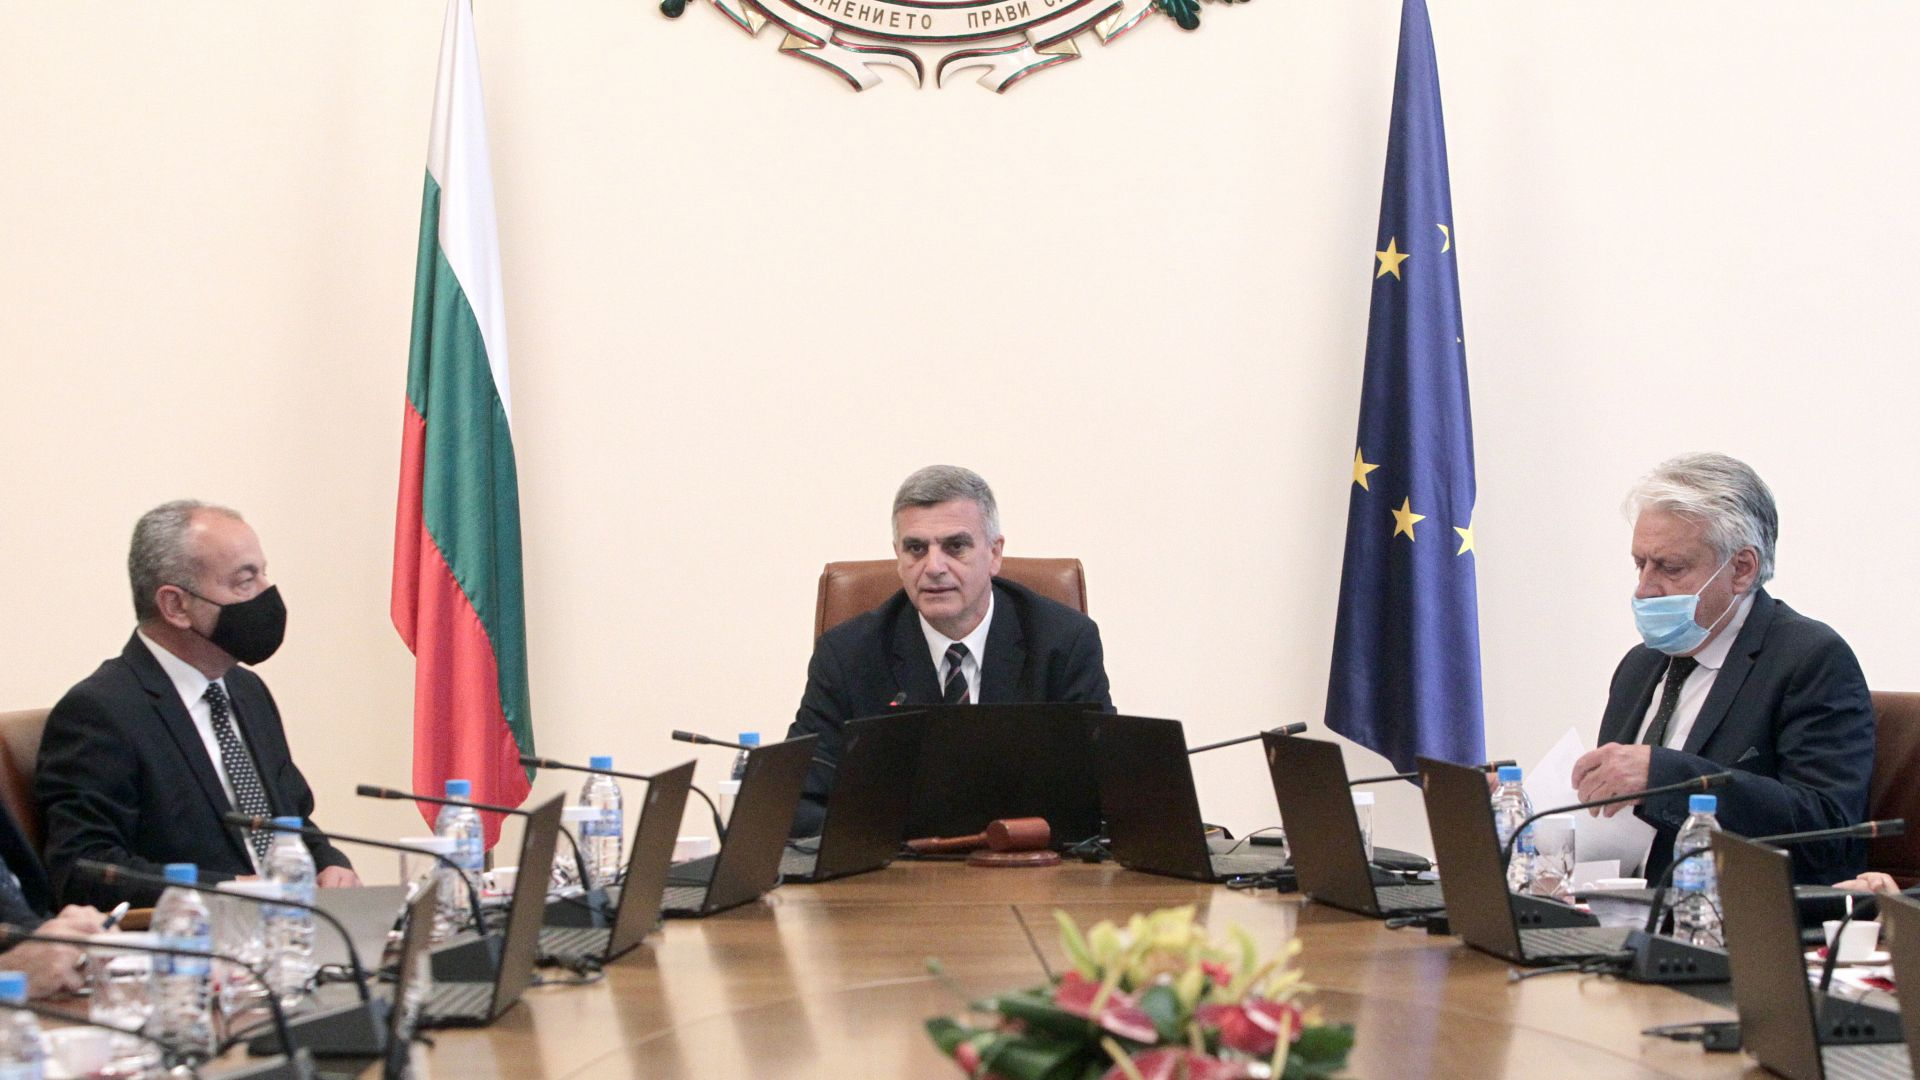 """МС създава щаб по санкциите """"Магнитски"""", свиква Съвета по сигурност"""